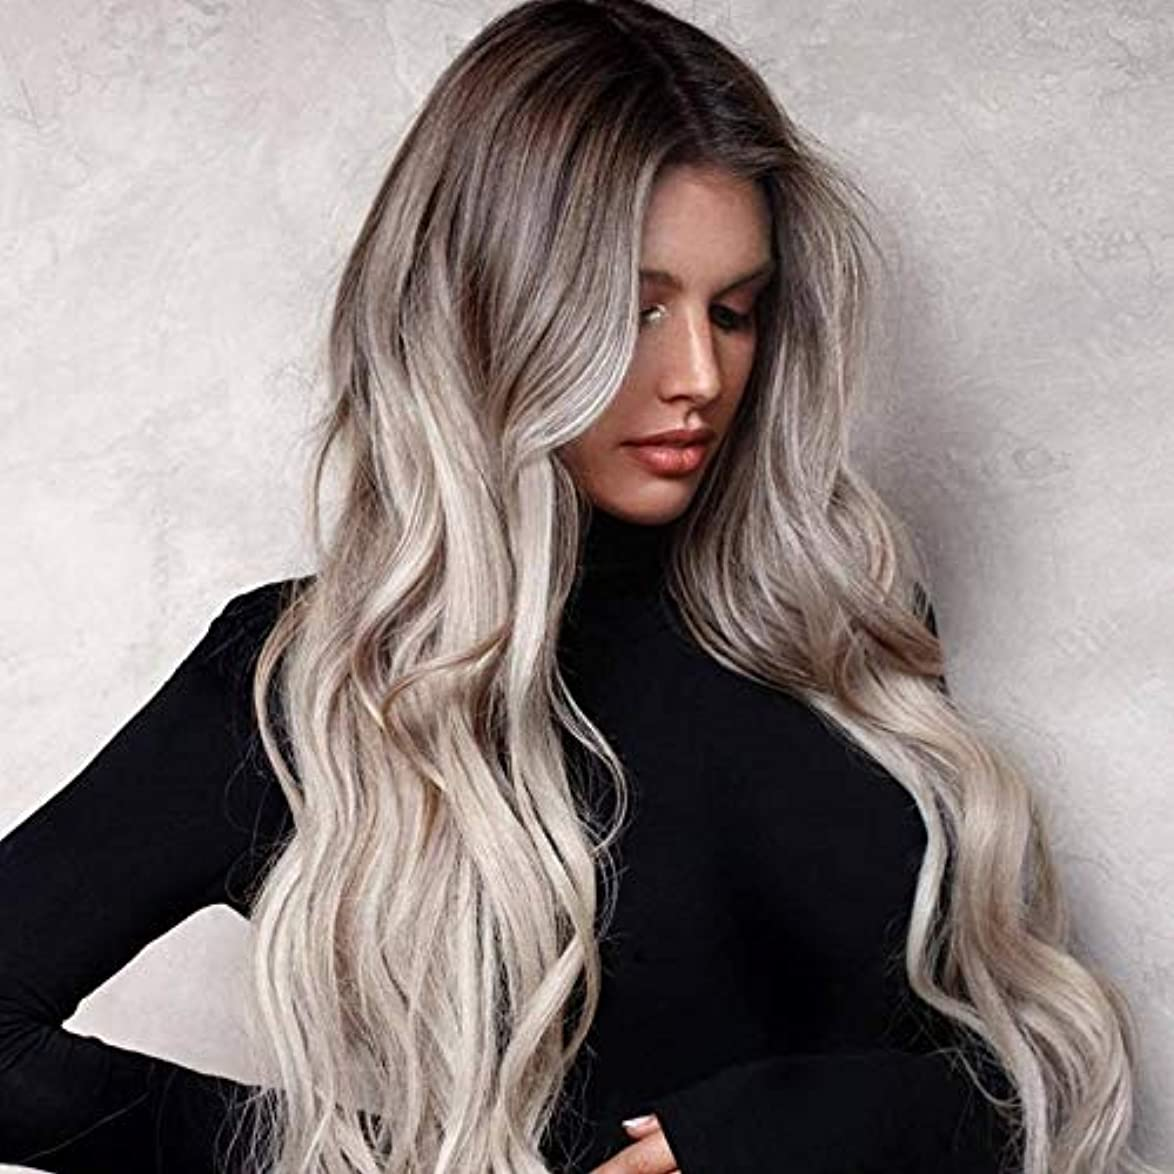 避難関連付けるアジアかつらキャップロングウィッグでかつら女性のためのかつら高品質な人工毛髪コスプレ高密度かつら25.6インチv